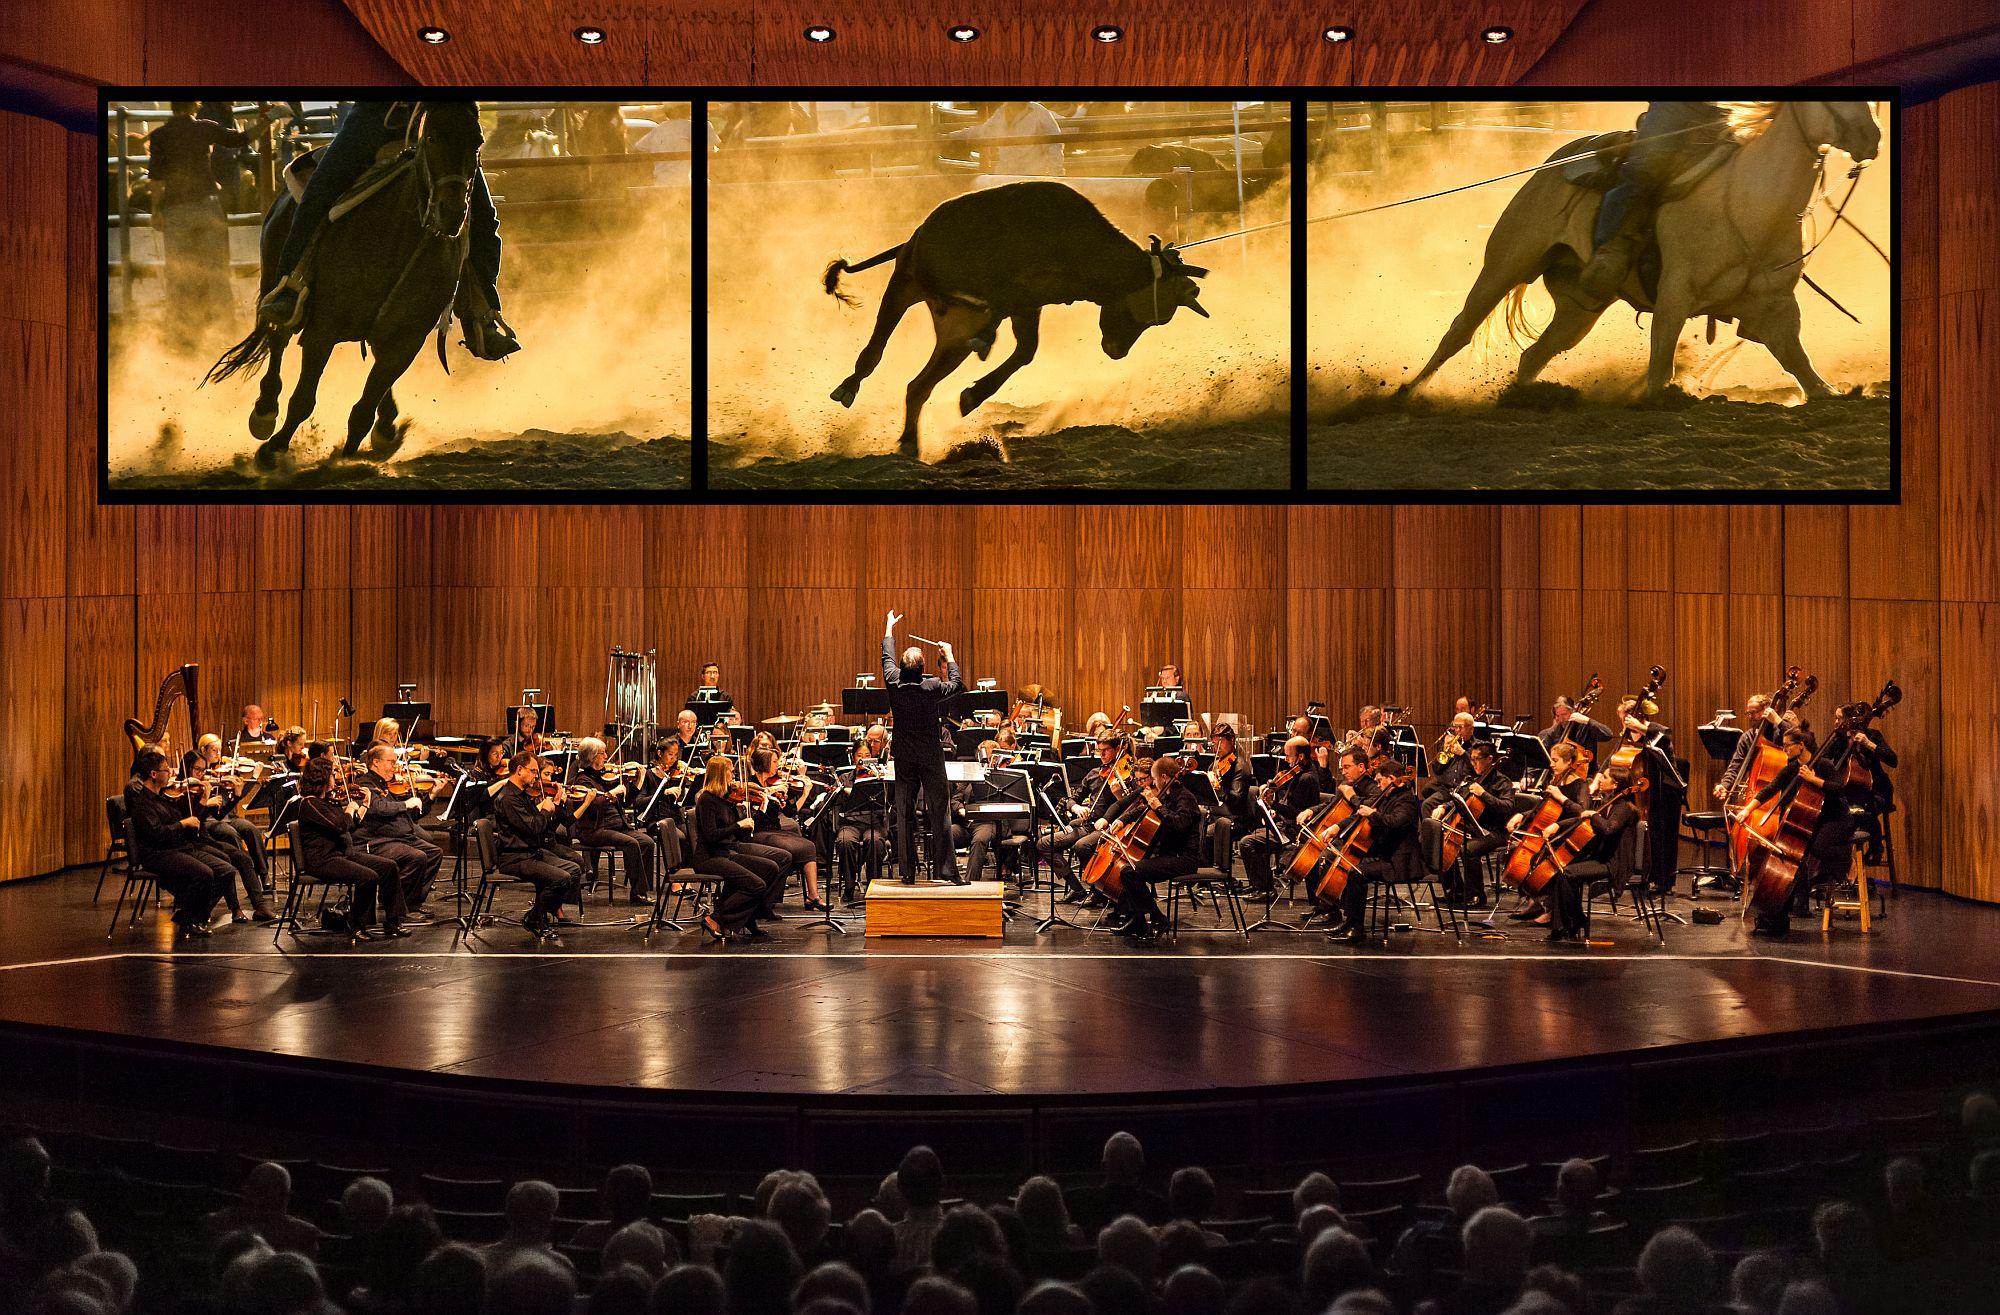 Odrobina Ameryki w sercu Opola. Wyjątkowy koncert symfoniczny w FO